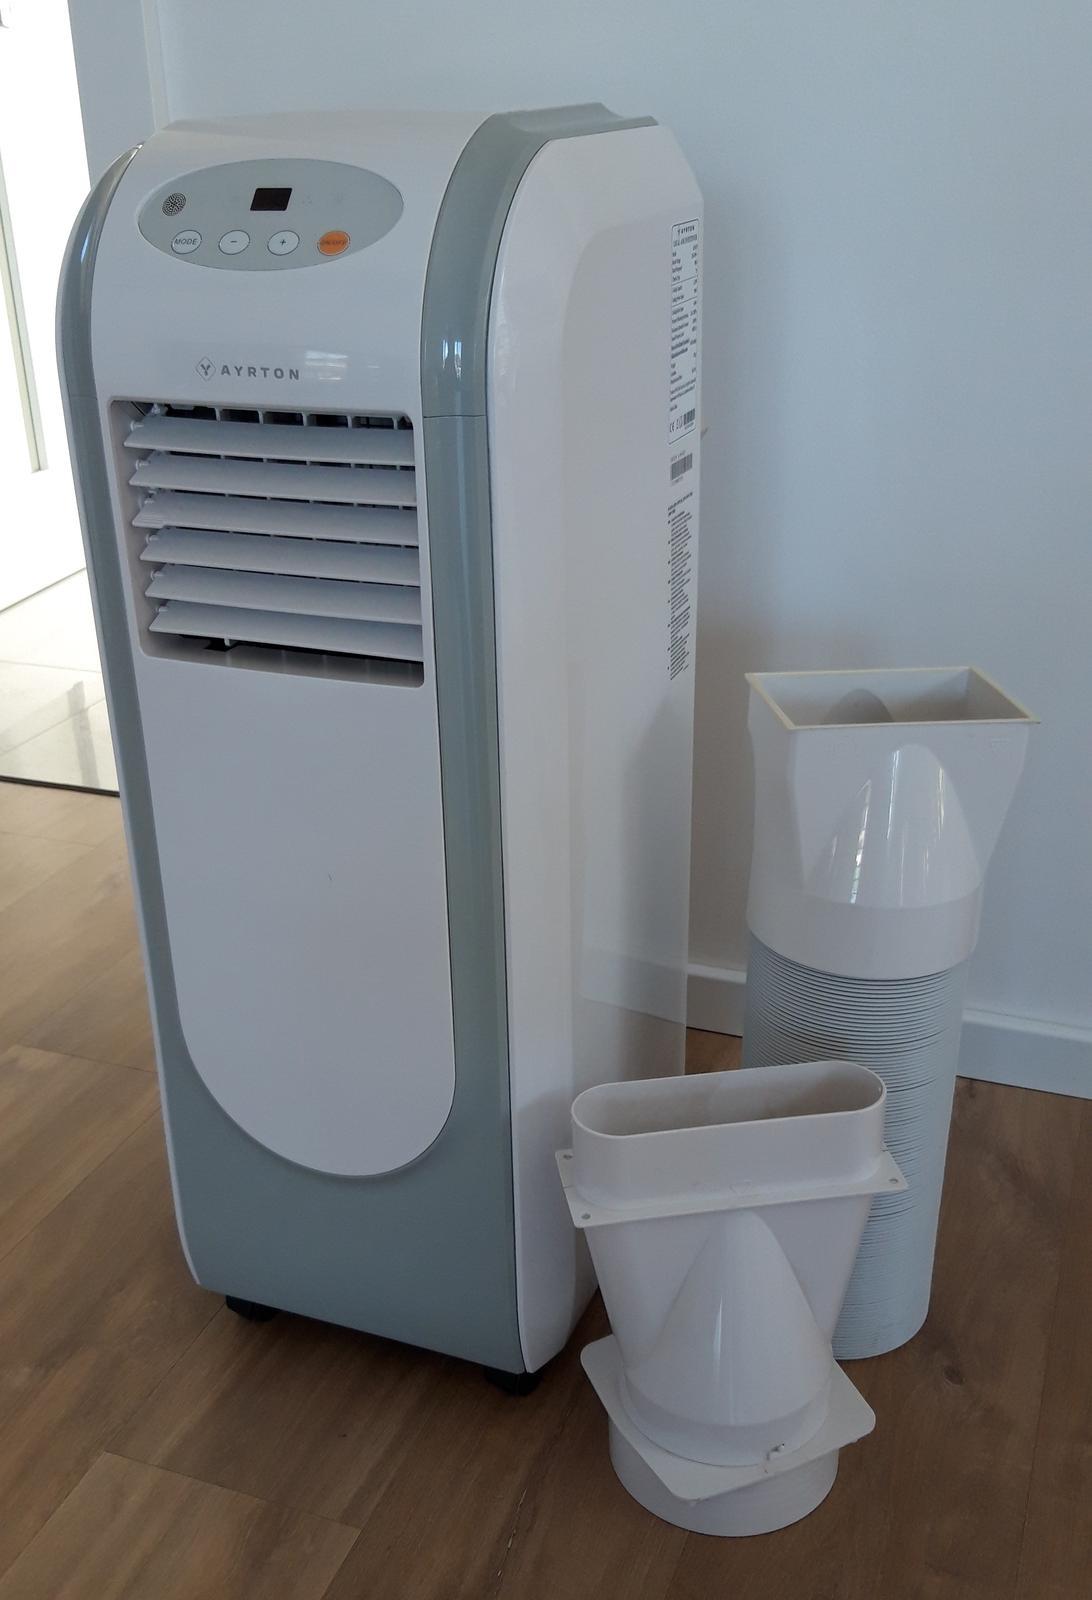 Mobilná klimatizácia AYRTON - Obrázok č. 1